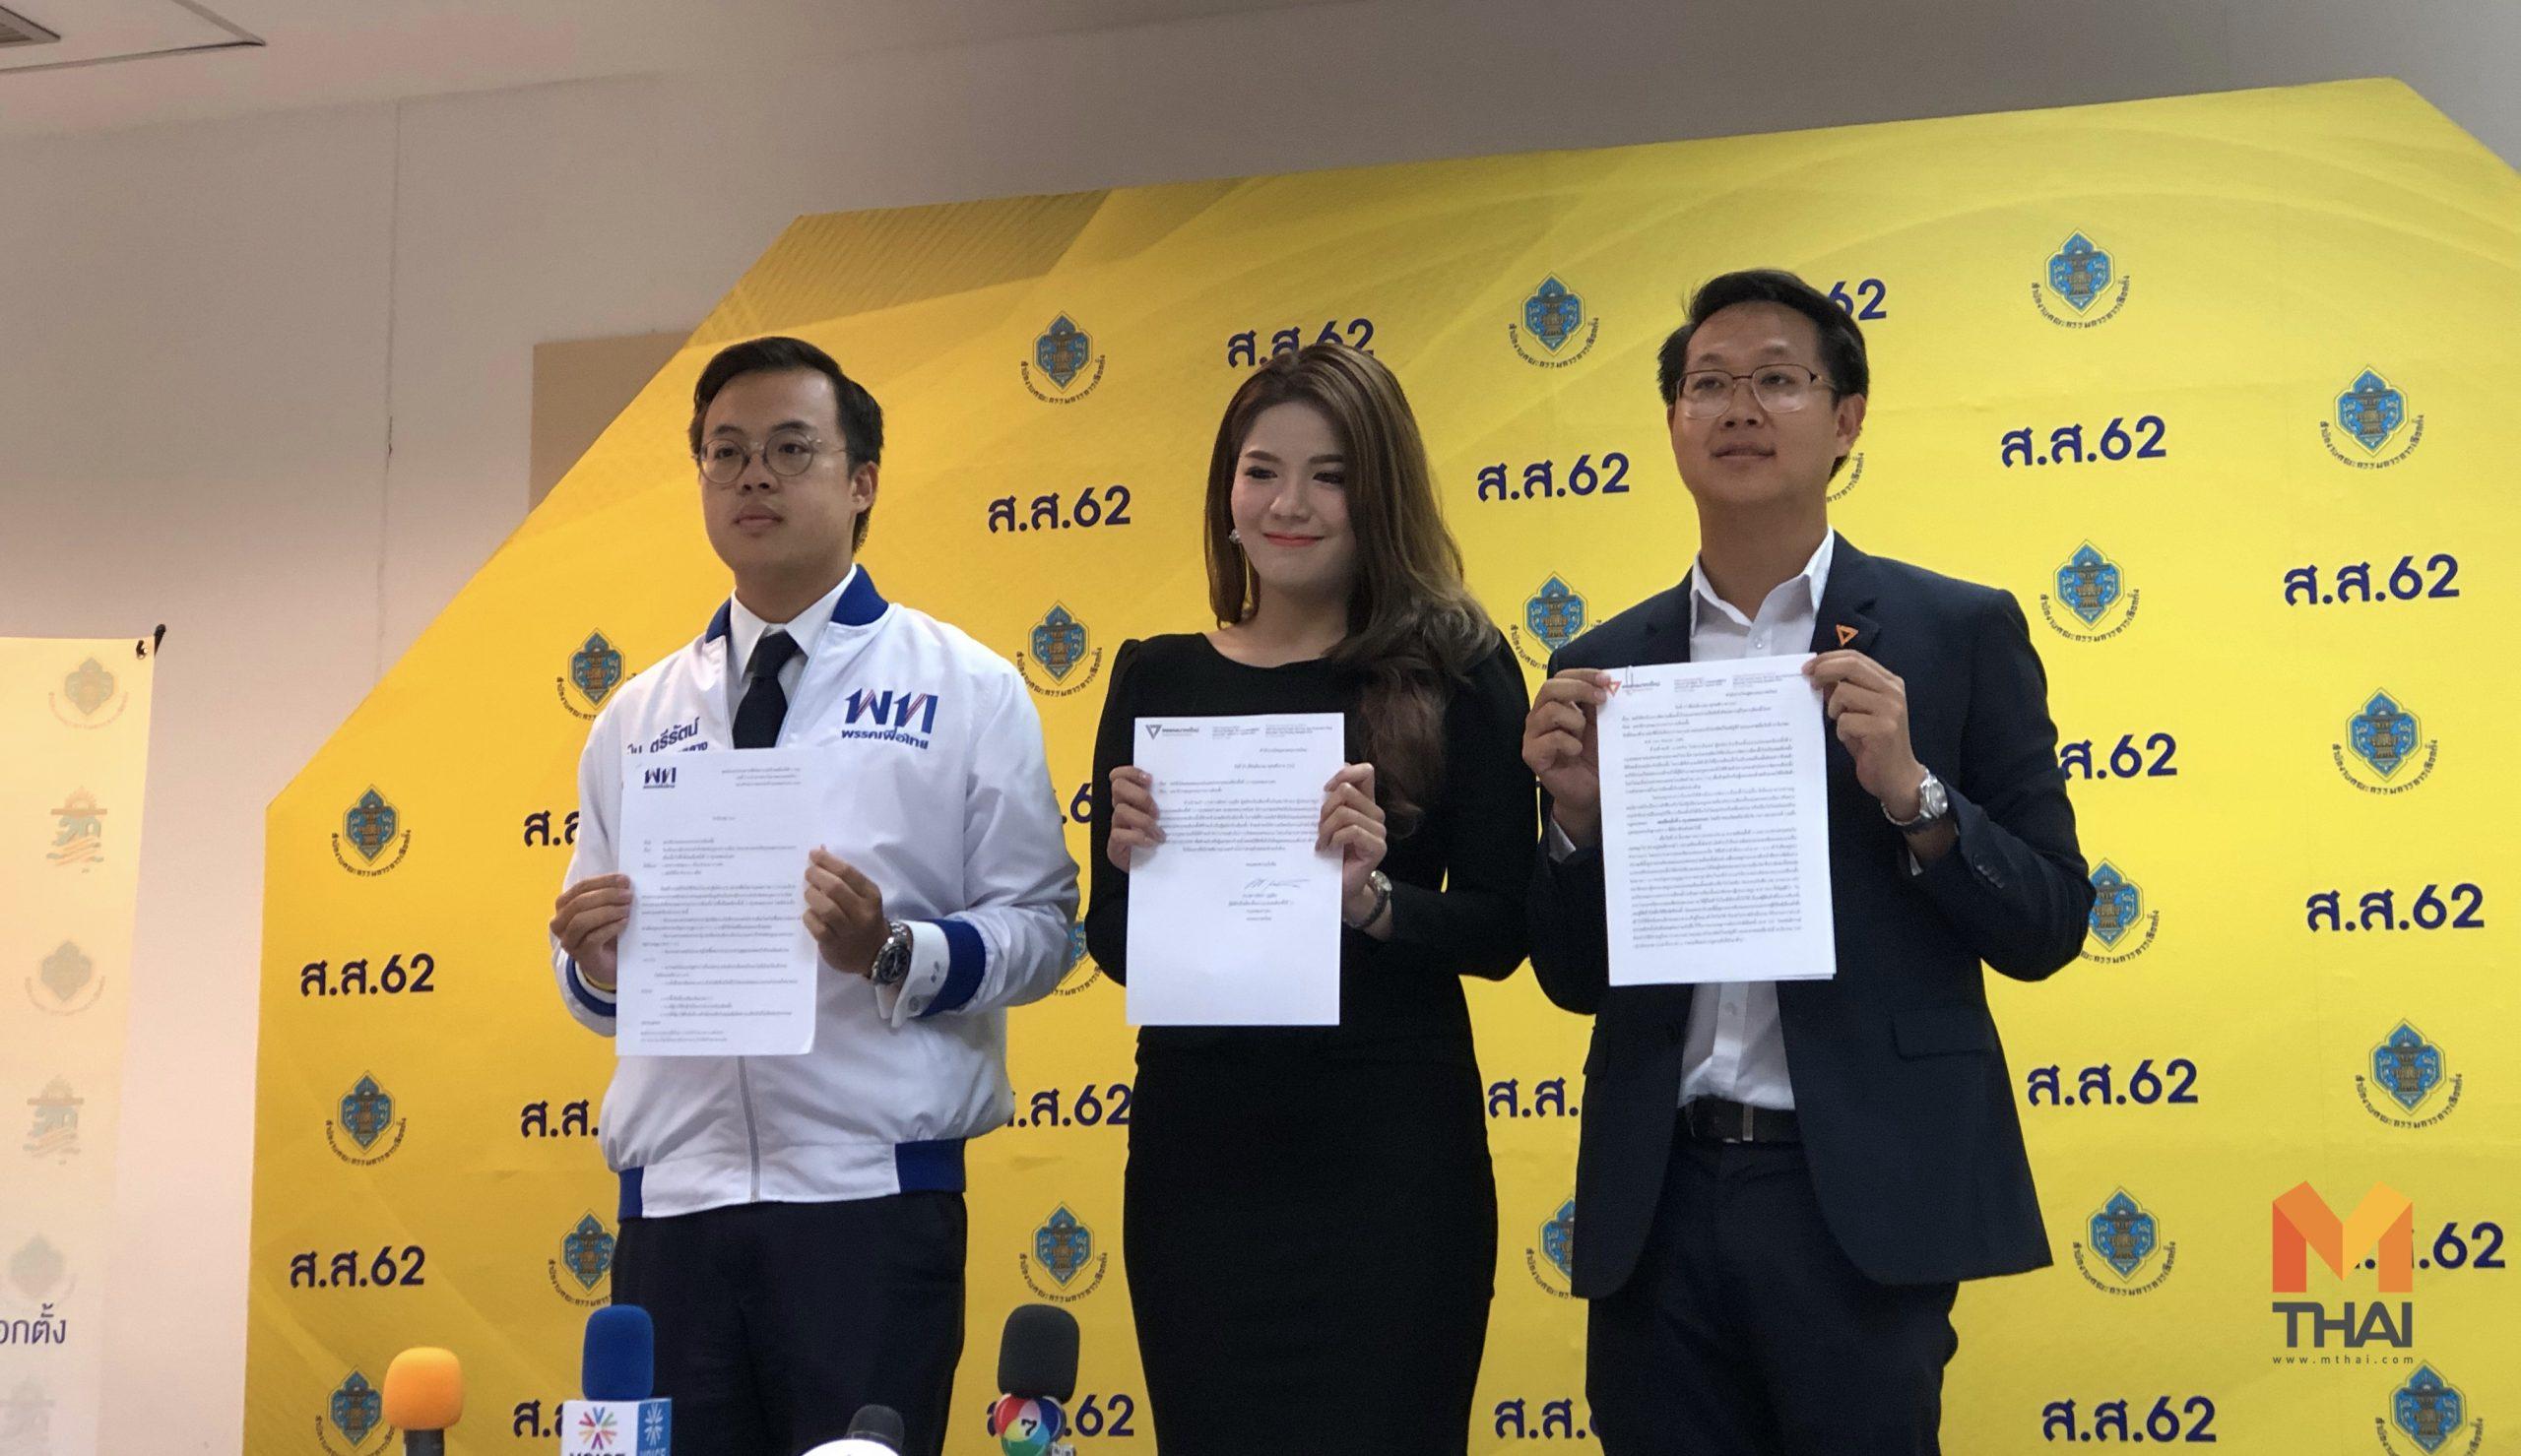 อนาคตใหม่ เพื่อไทย เลือกตั้ง62